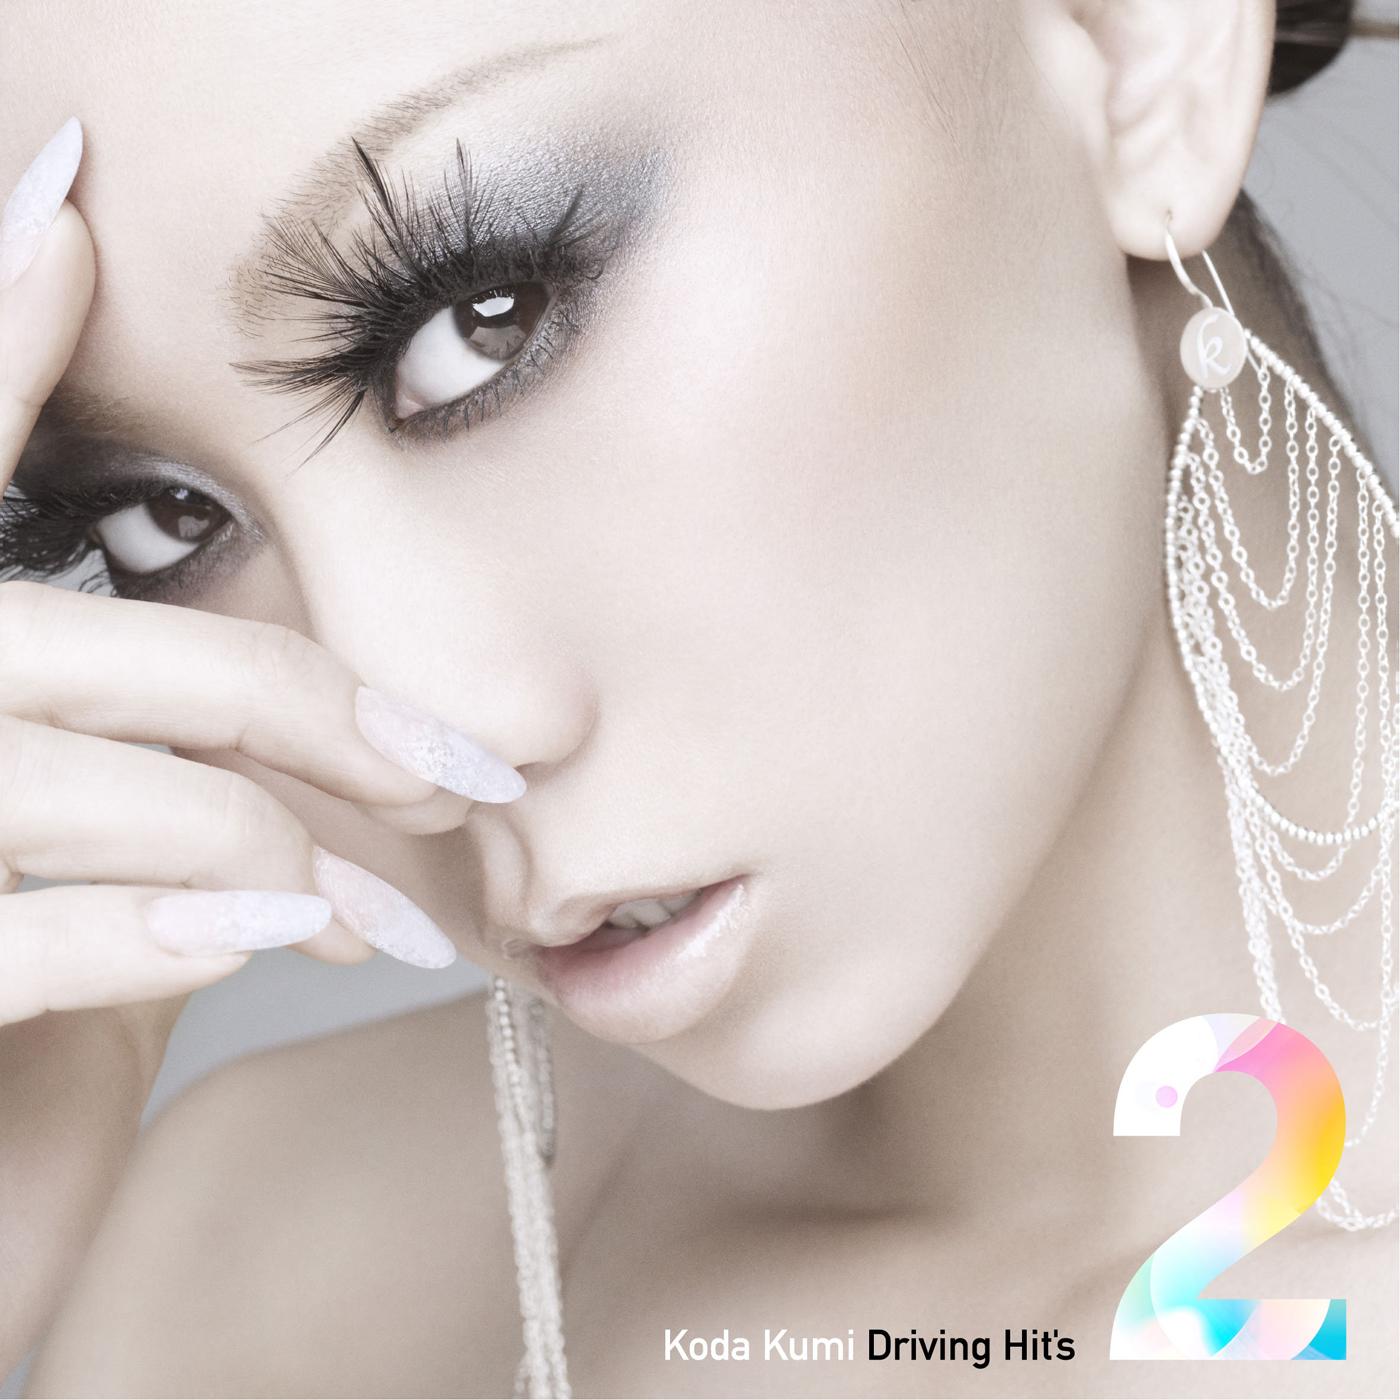 20180715.0506.3 Koda Kumi - Driving Hit's 2 (FLAC) cover.jpg